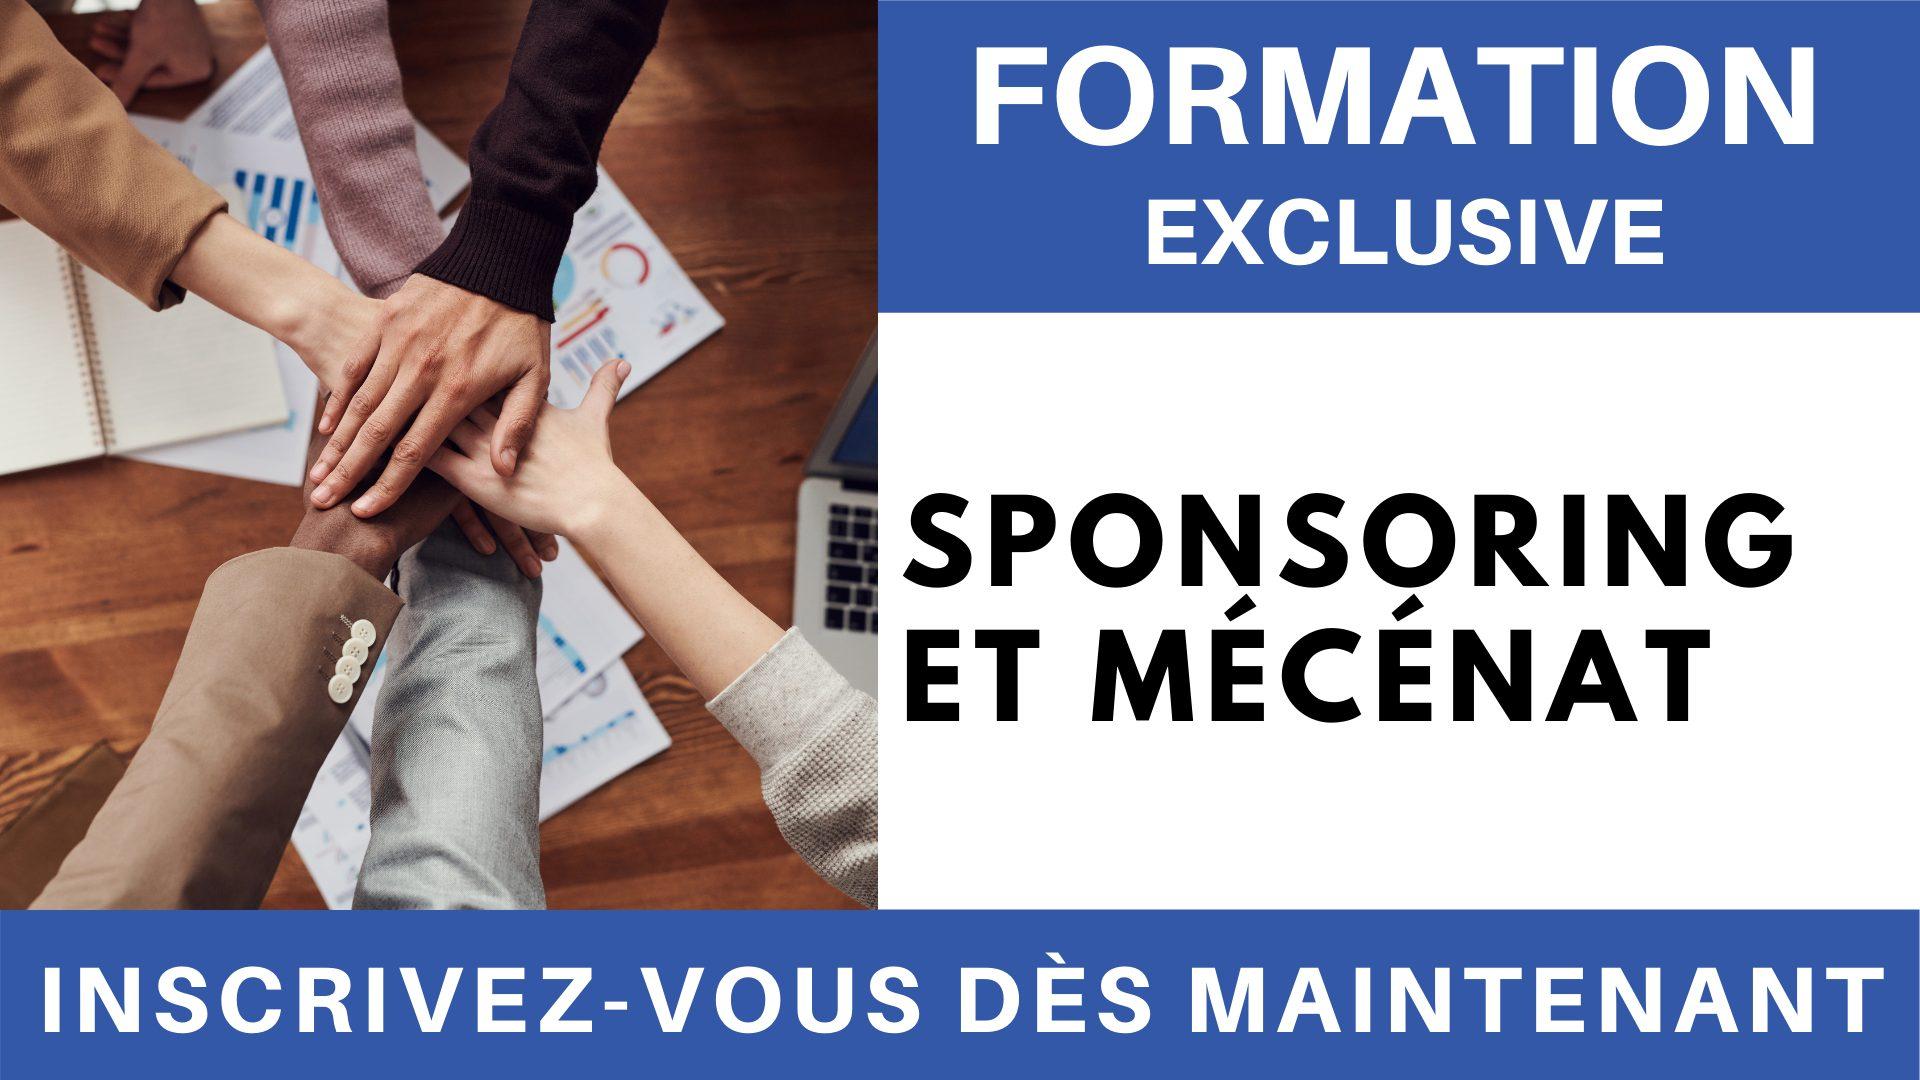 Formation Exclusive - Sponsoring et Mécénat